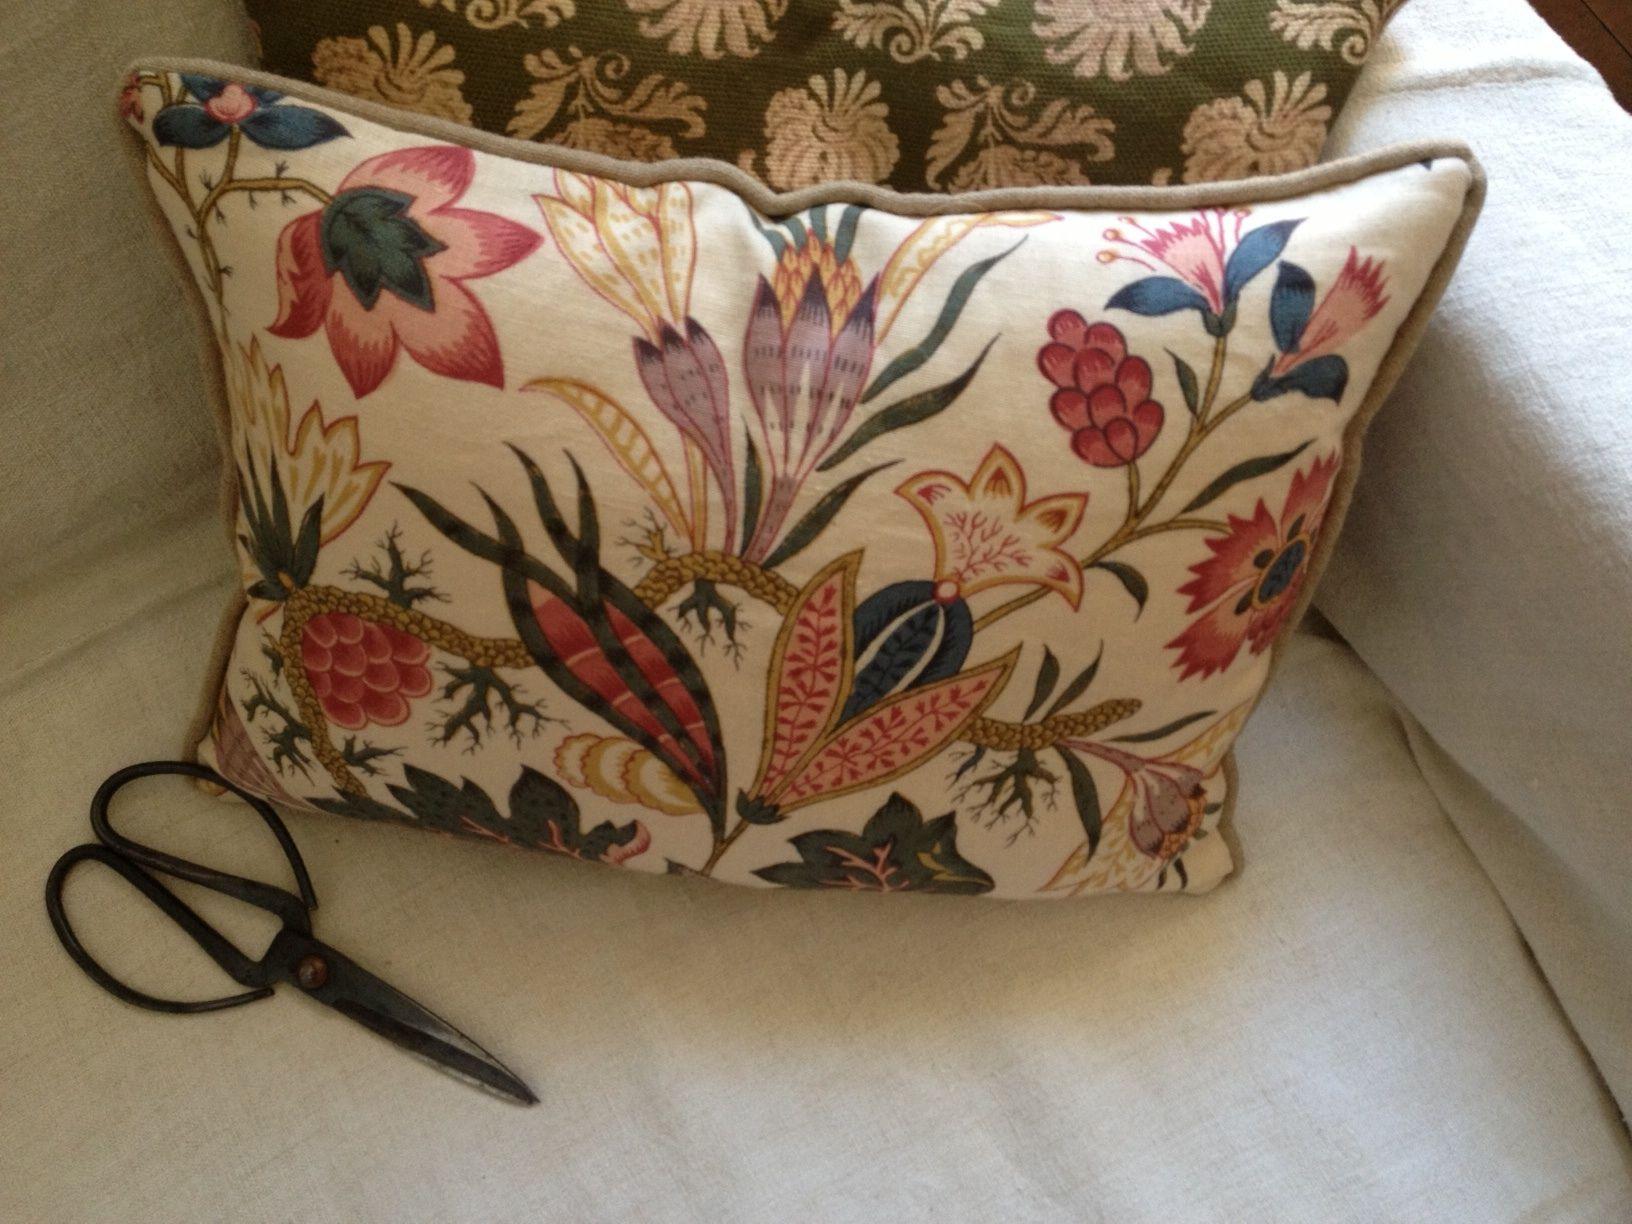 grand crocus pillow